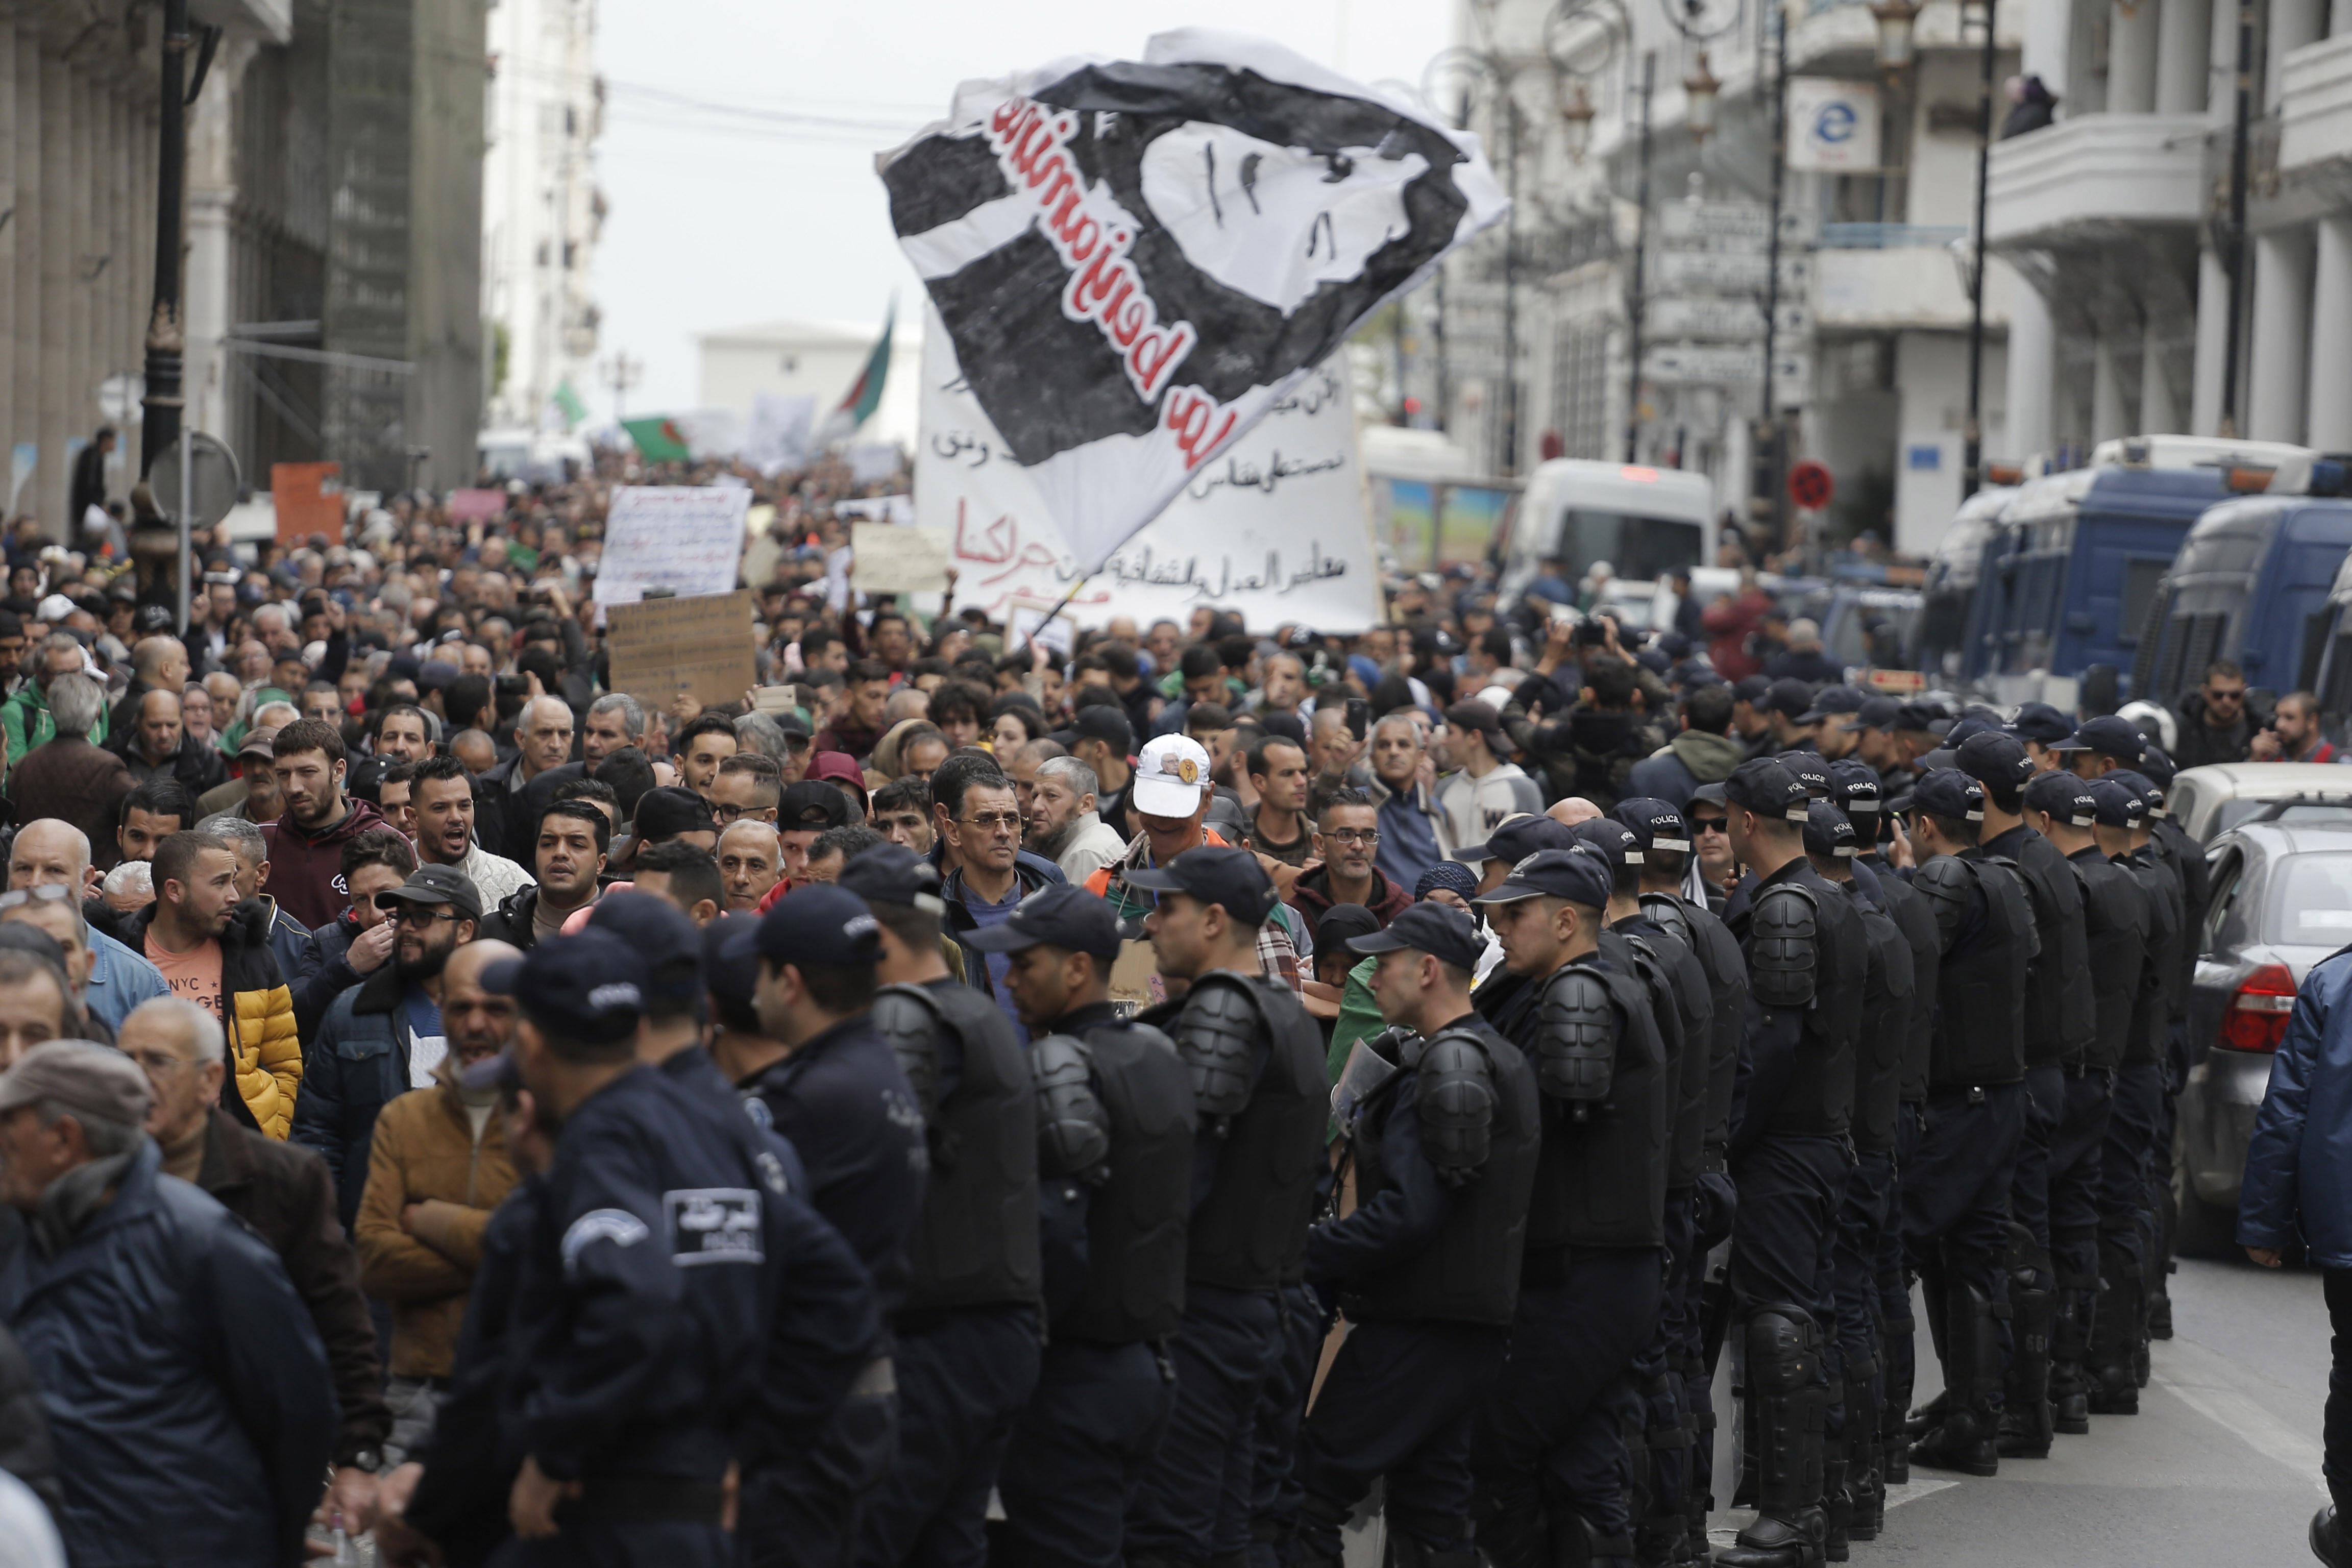 Des manifestants dans les rues d'Alger, mardi 17 décembre 2019.